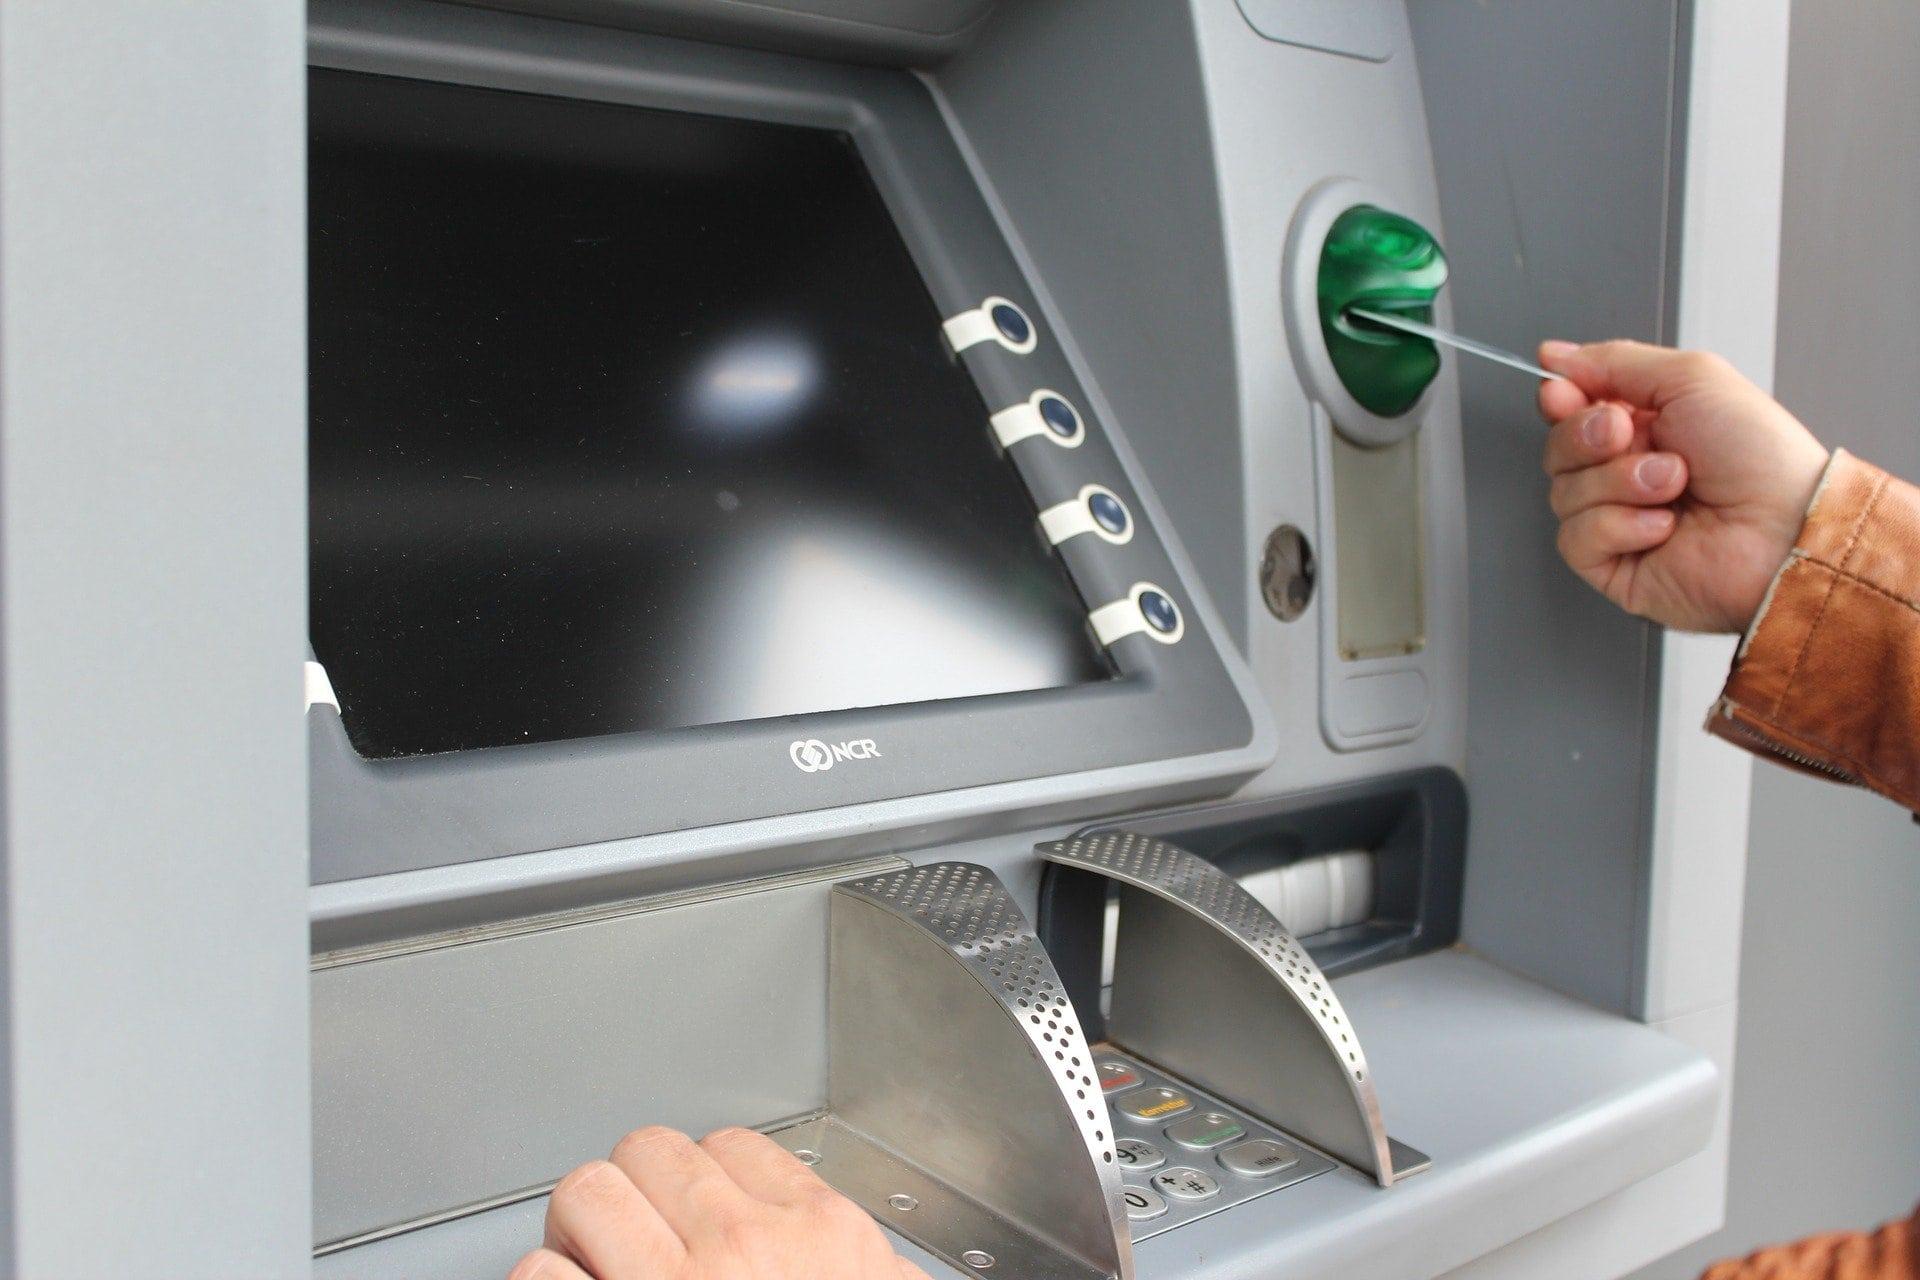 Mit gestohlenen EC-Karten Geld abgehoben Polizei rät: Lernen Sie am besten Ihre PIN auswendig!